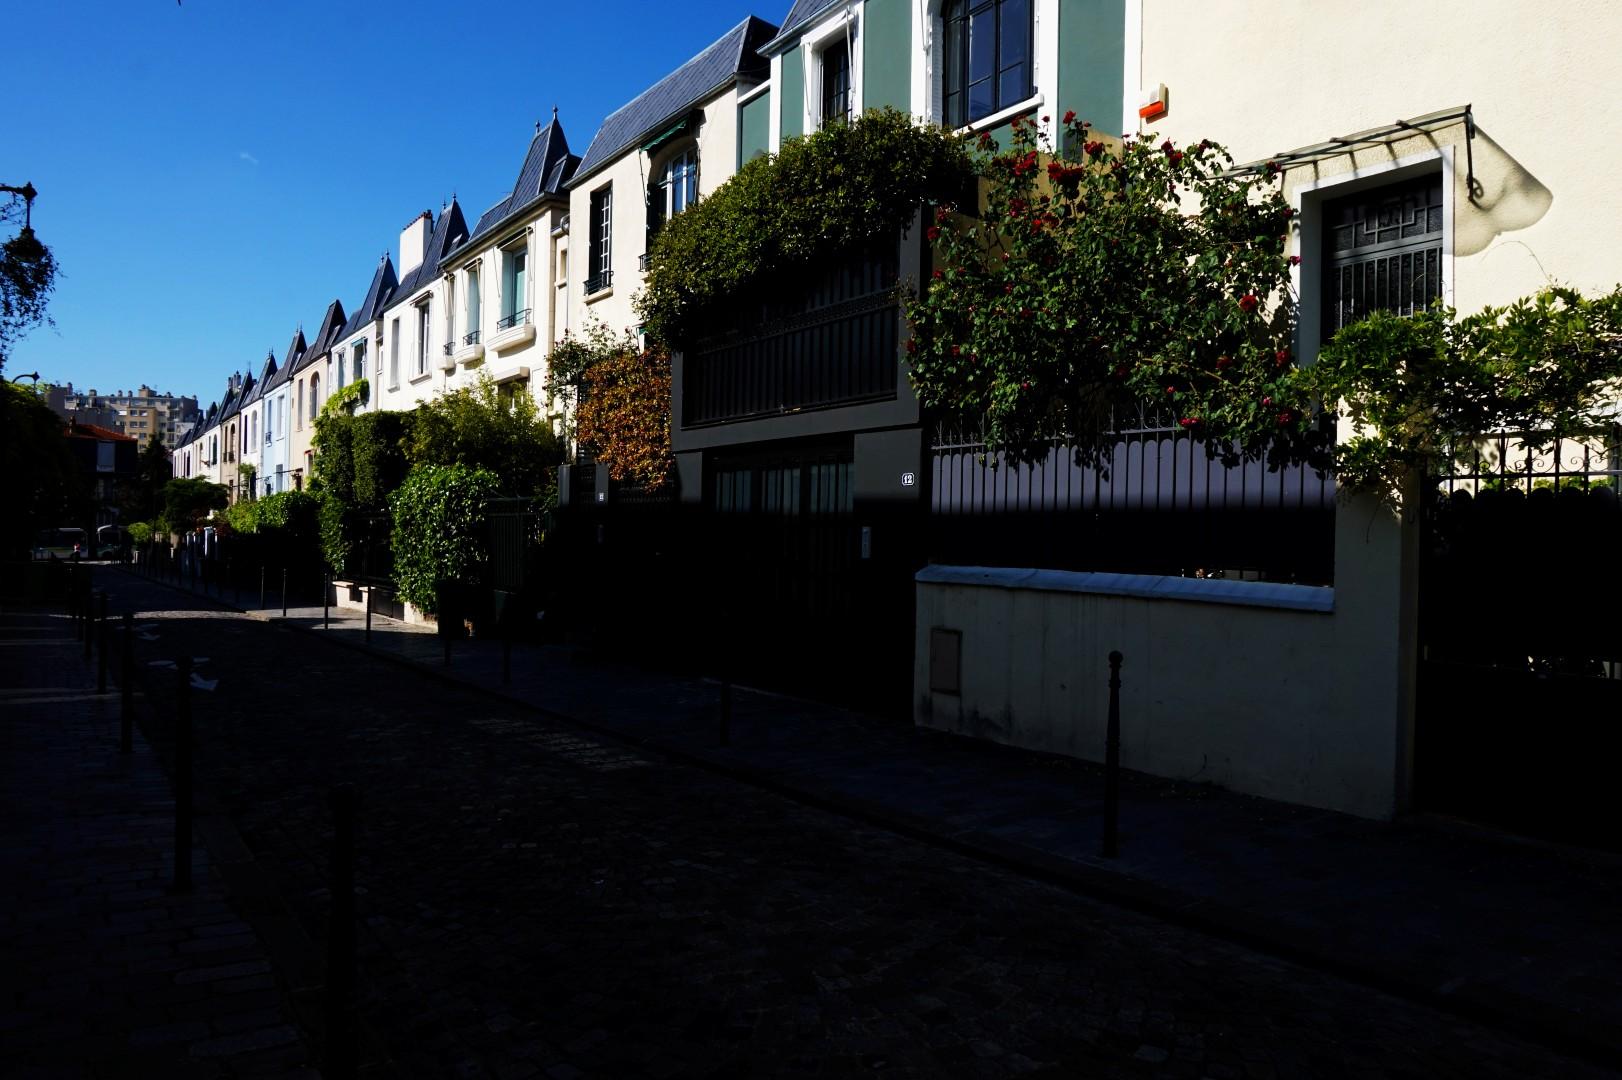 Balade autour de la Butte aux Cailles ( 13e) - Rue Dieulafoy